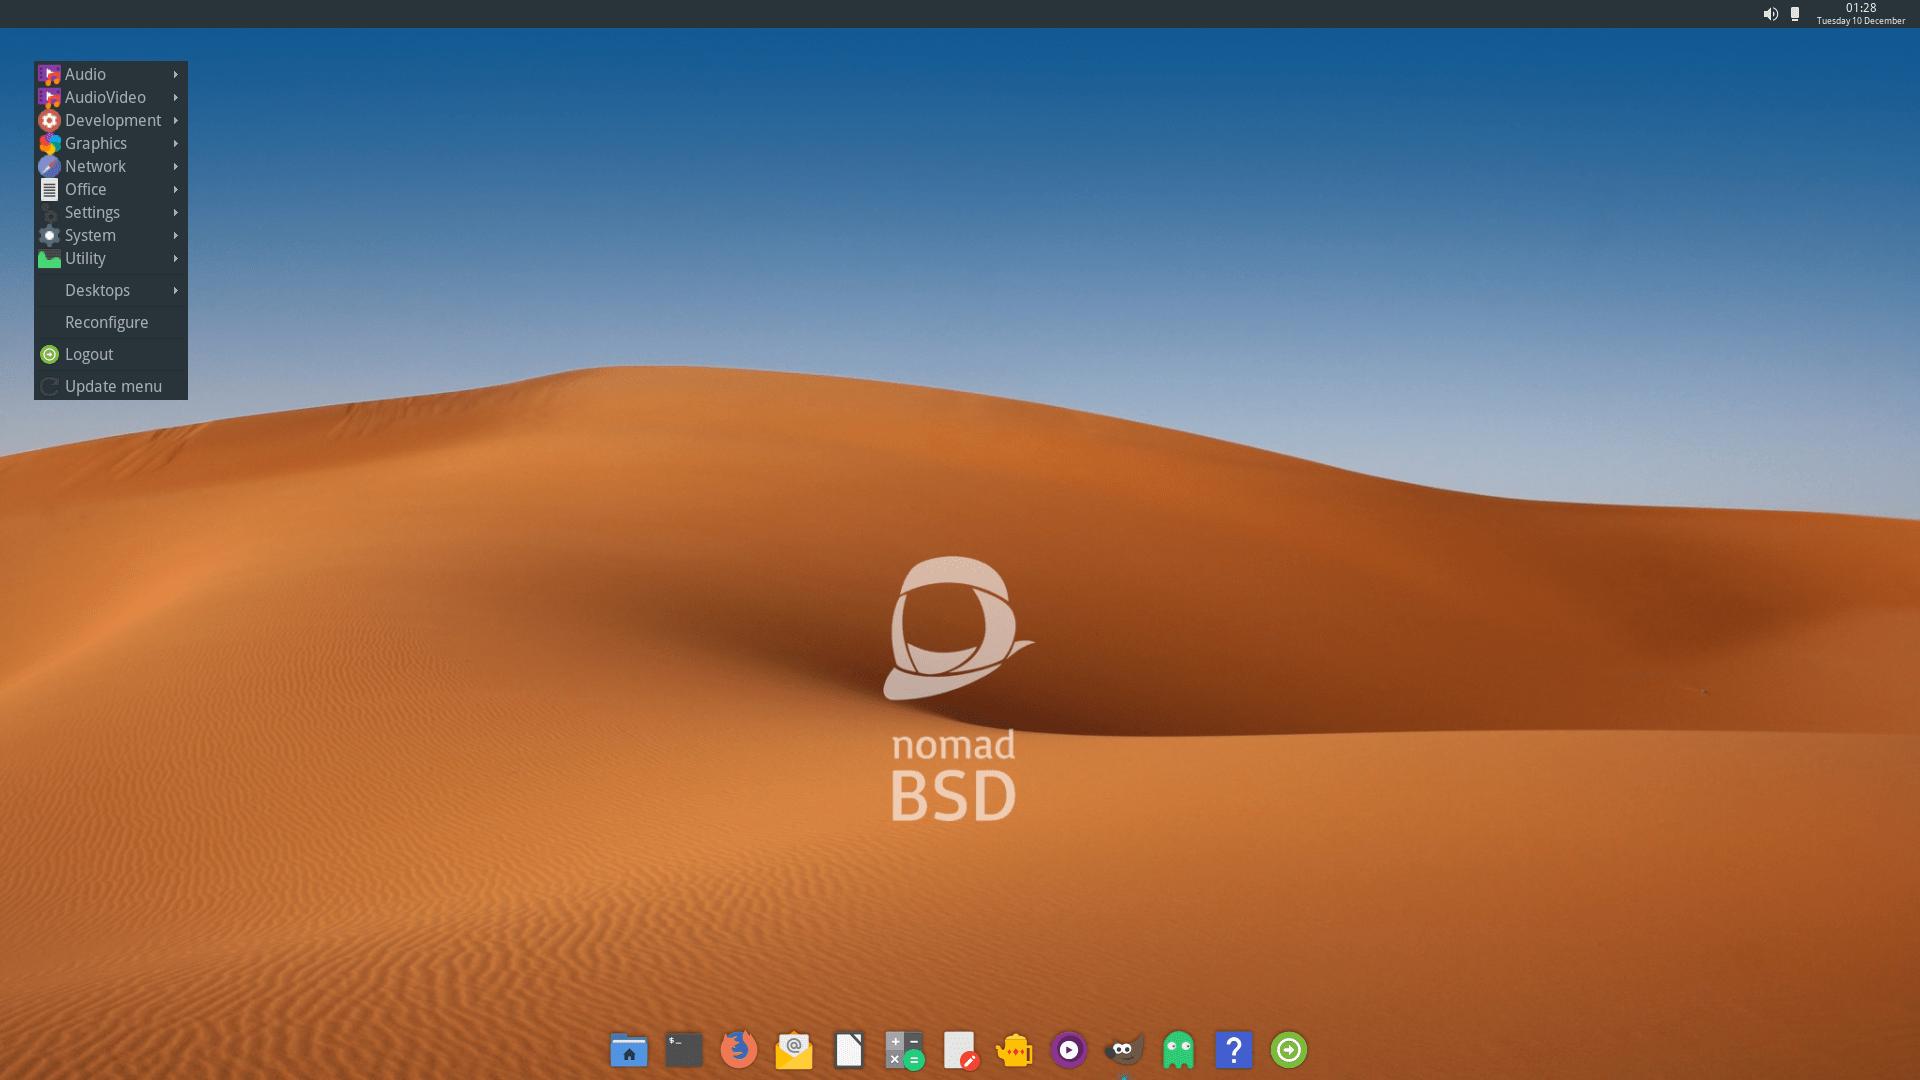 NomadBSD 1.4 mit Openbox 3.6.1 und Plank-Dock